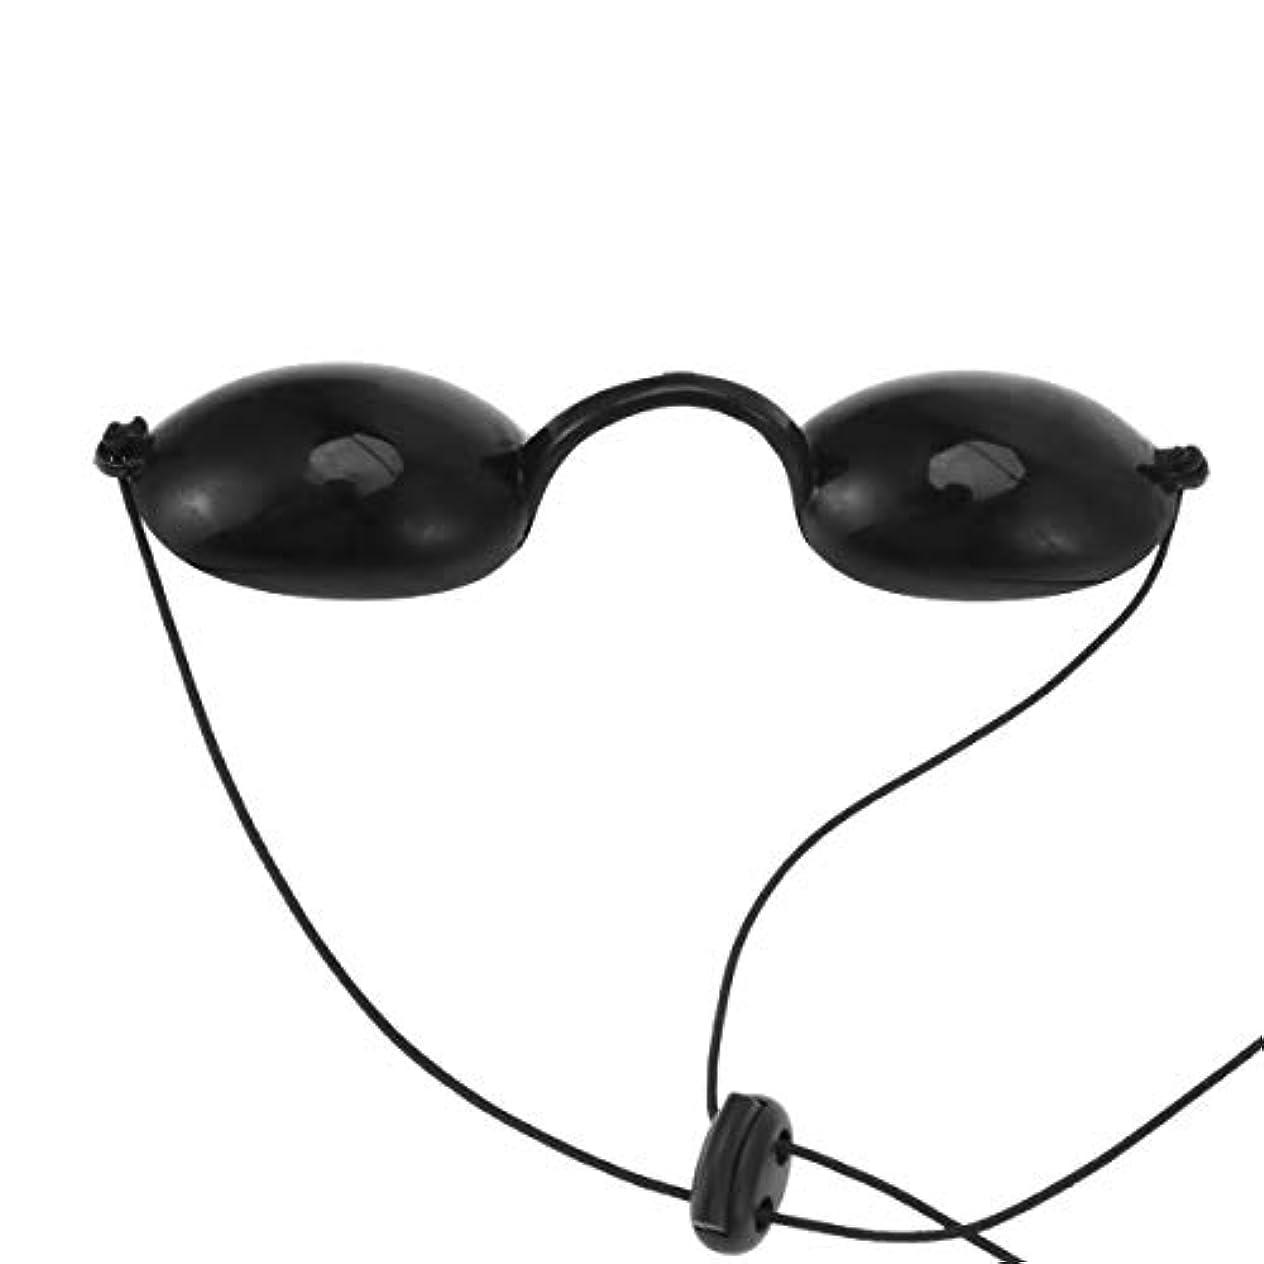 識別する意志に反する消費するHealifty 保護ゴーグルUVアイシールドIPL 安全保護UV赤外線LEDライトセラピー美容アイセラピー